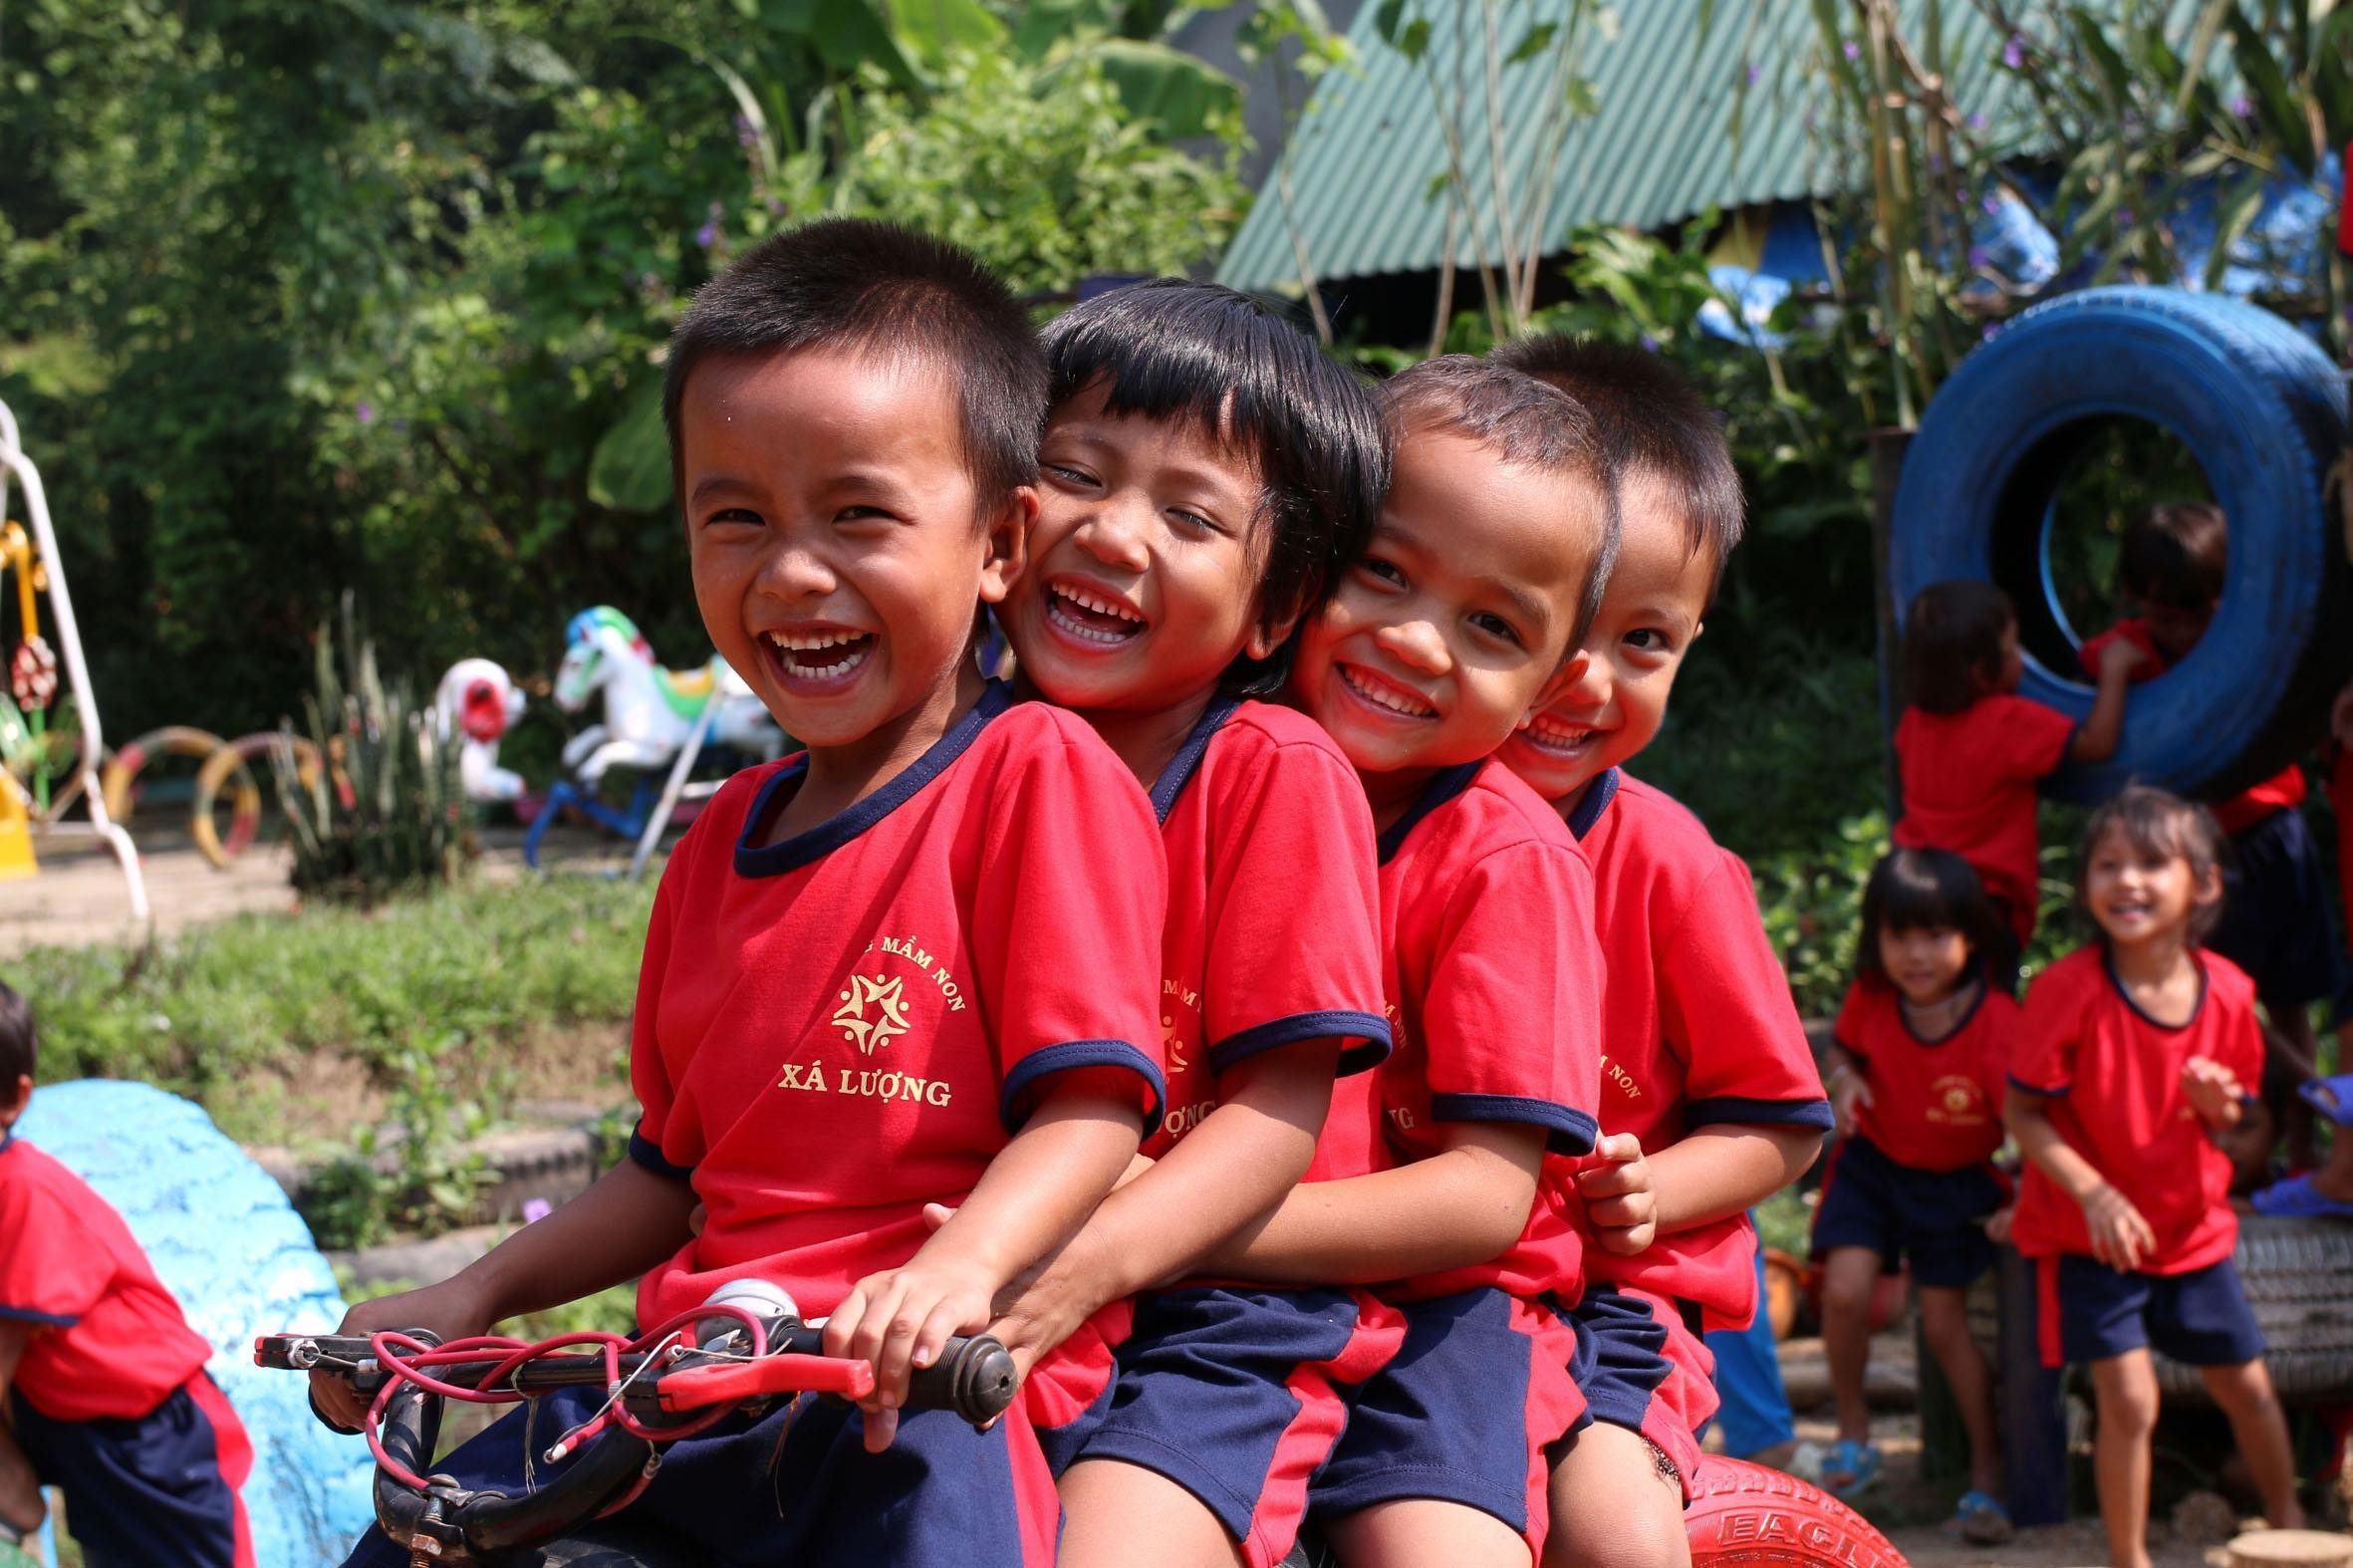 """""""Lắng nghe trẻ em bằng trái tim, bảo vệ trẻ em bằng hành động"""""""